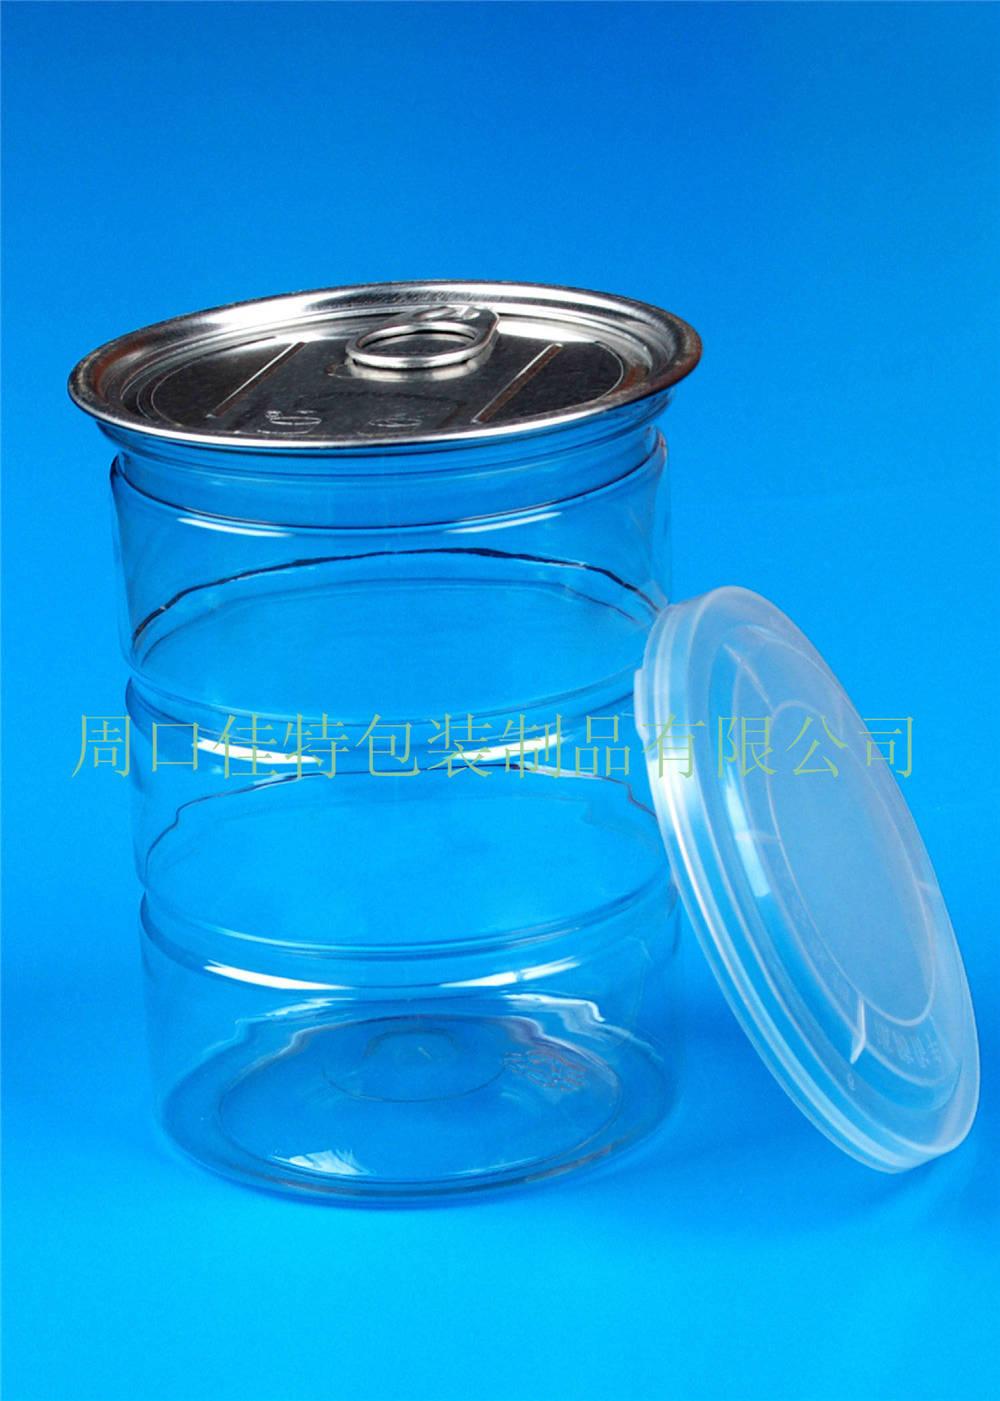 塑料易拉罐制作